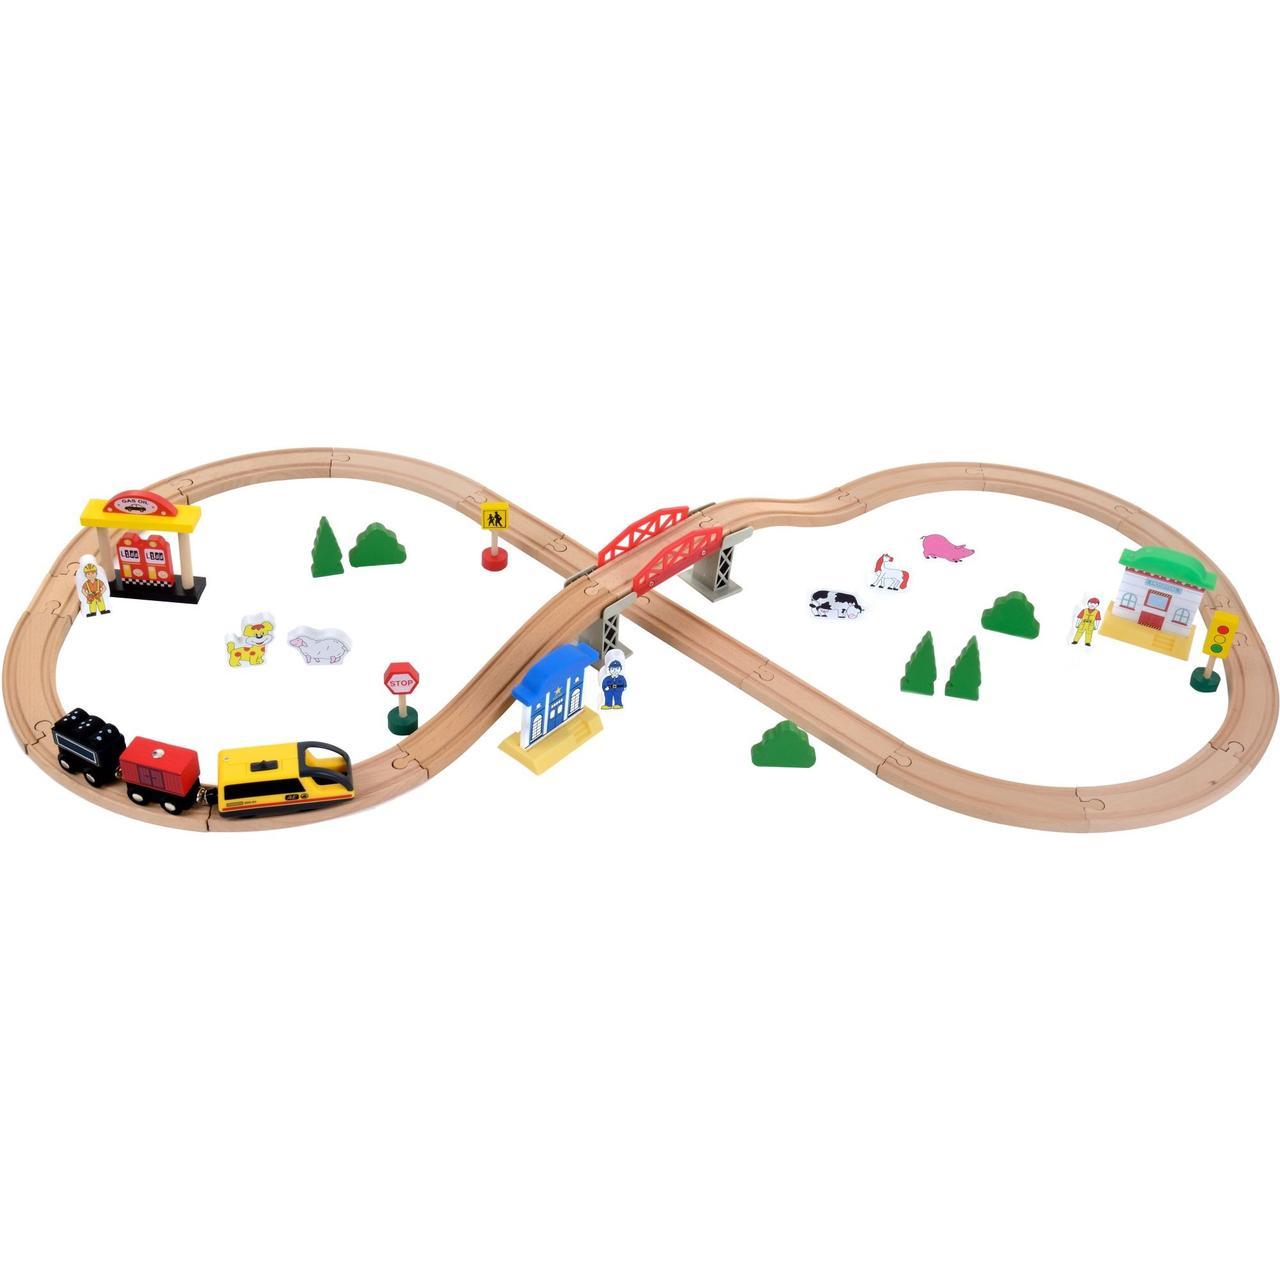 Деревянная железная дорога Juniori 46 элементов